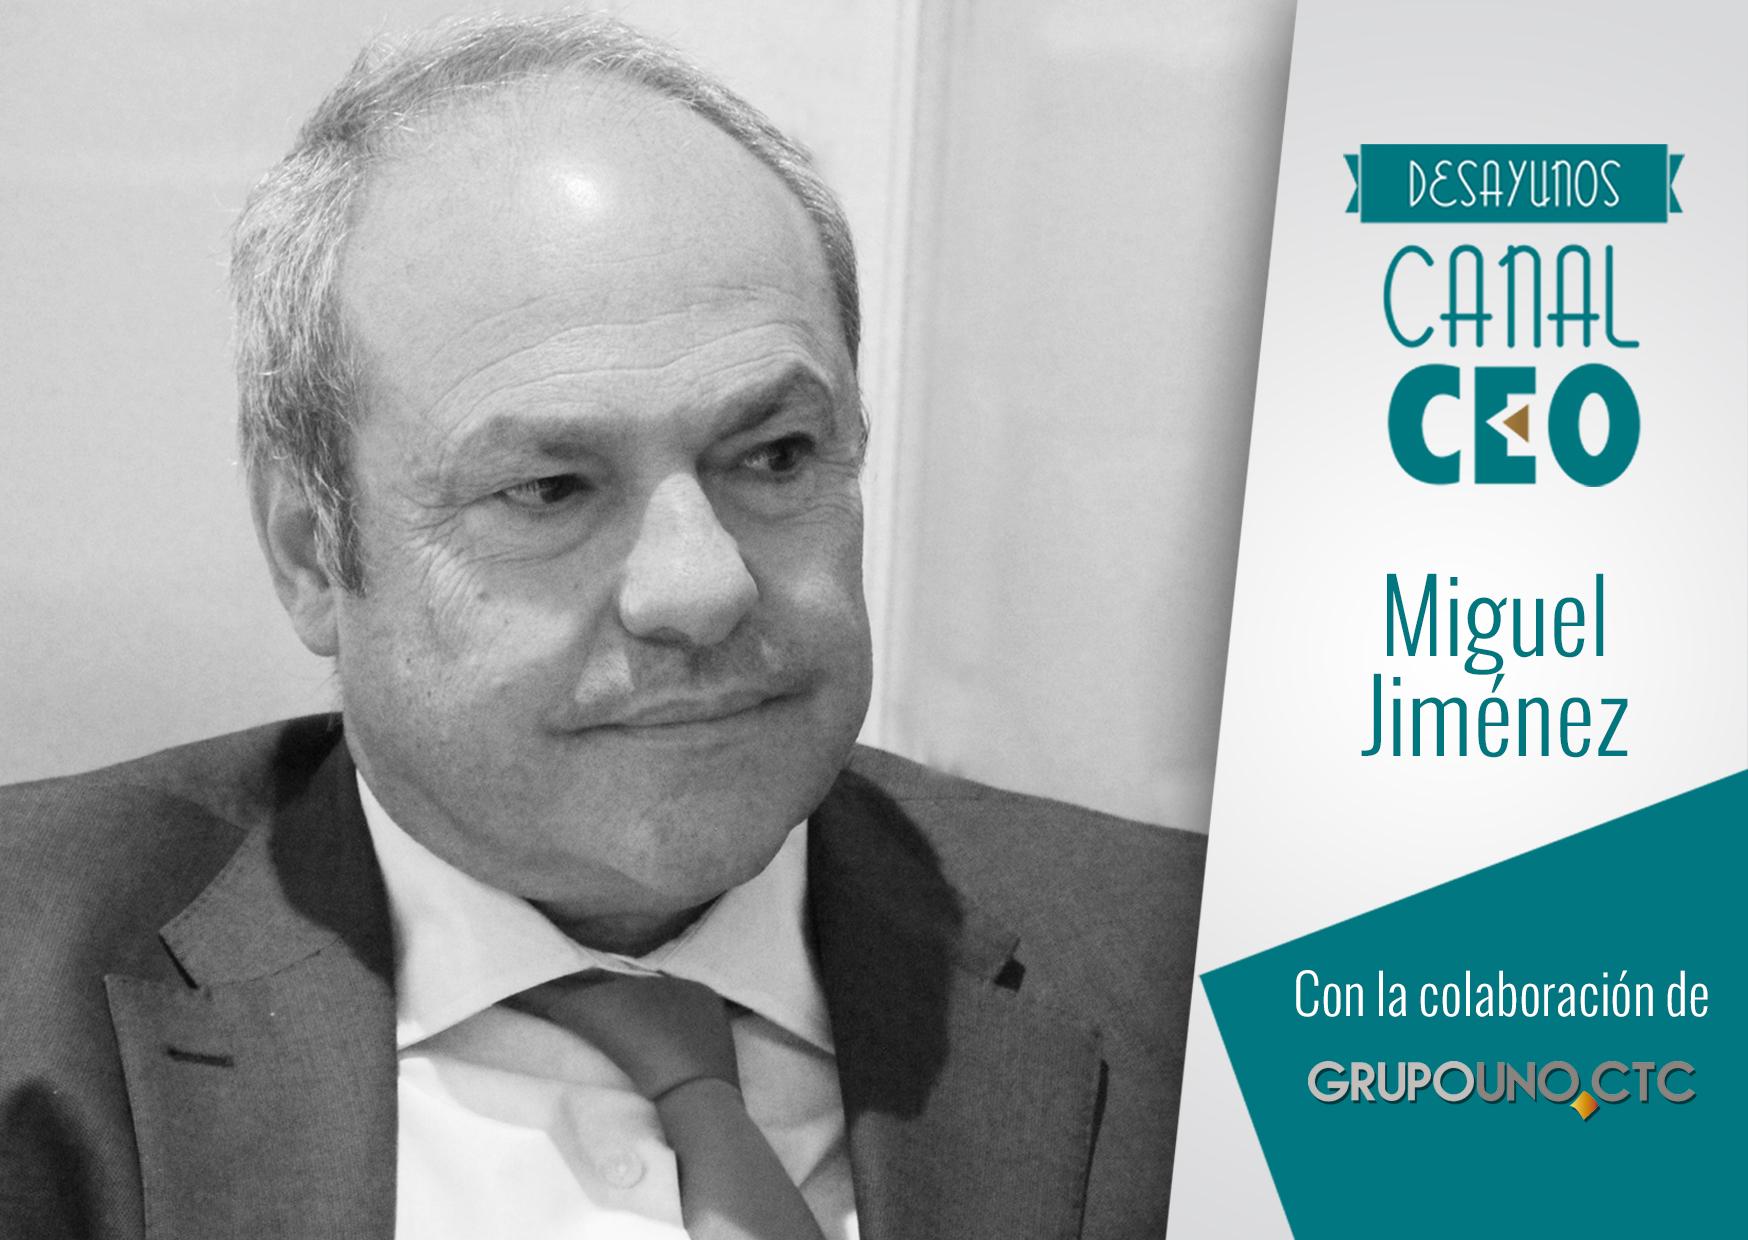 Desayuno Canal CEO: El management no tiene normas rígidas